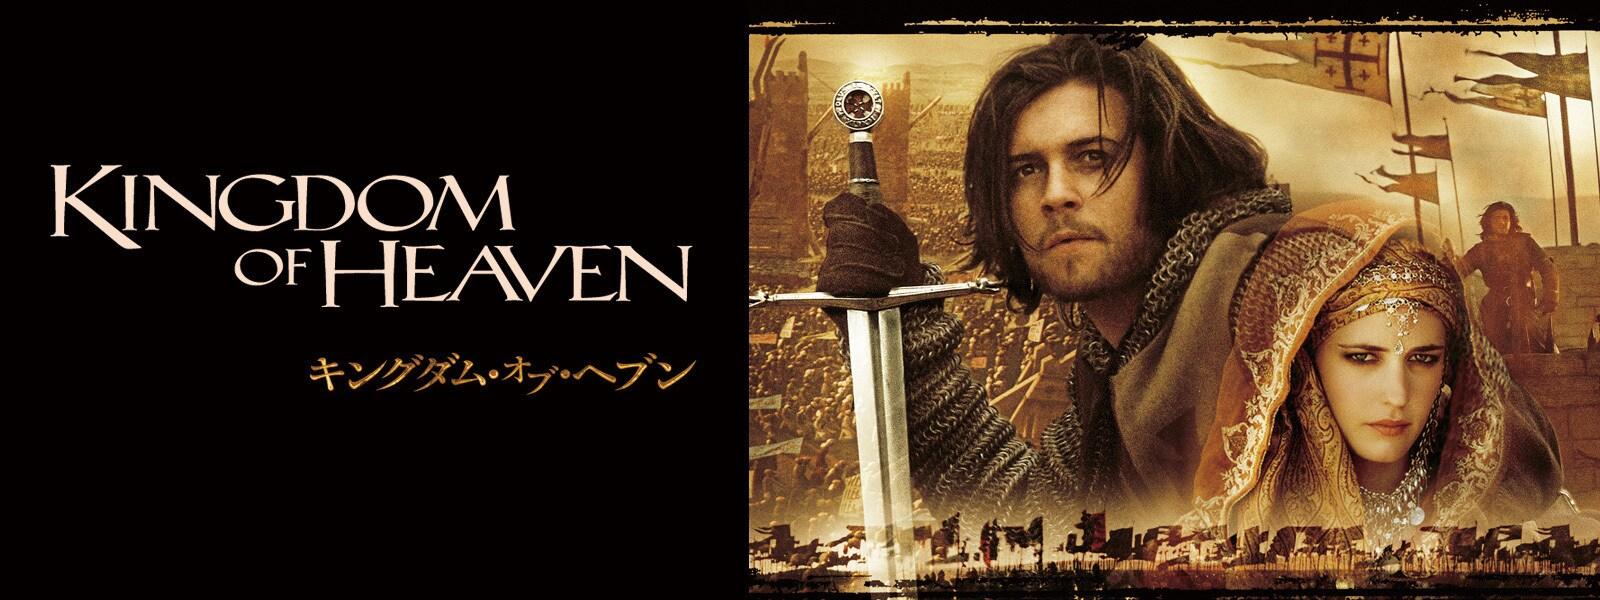 キングダム・オブ・ヘブン|Kingdom of Heaven Hero Object